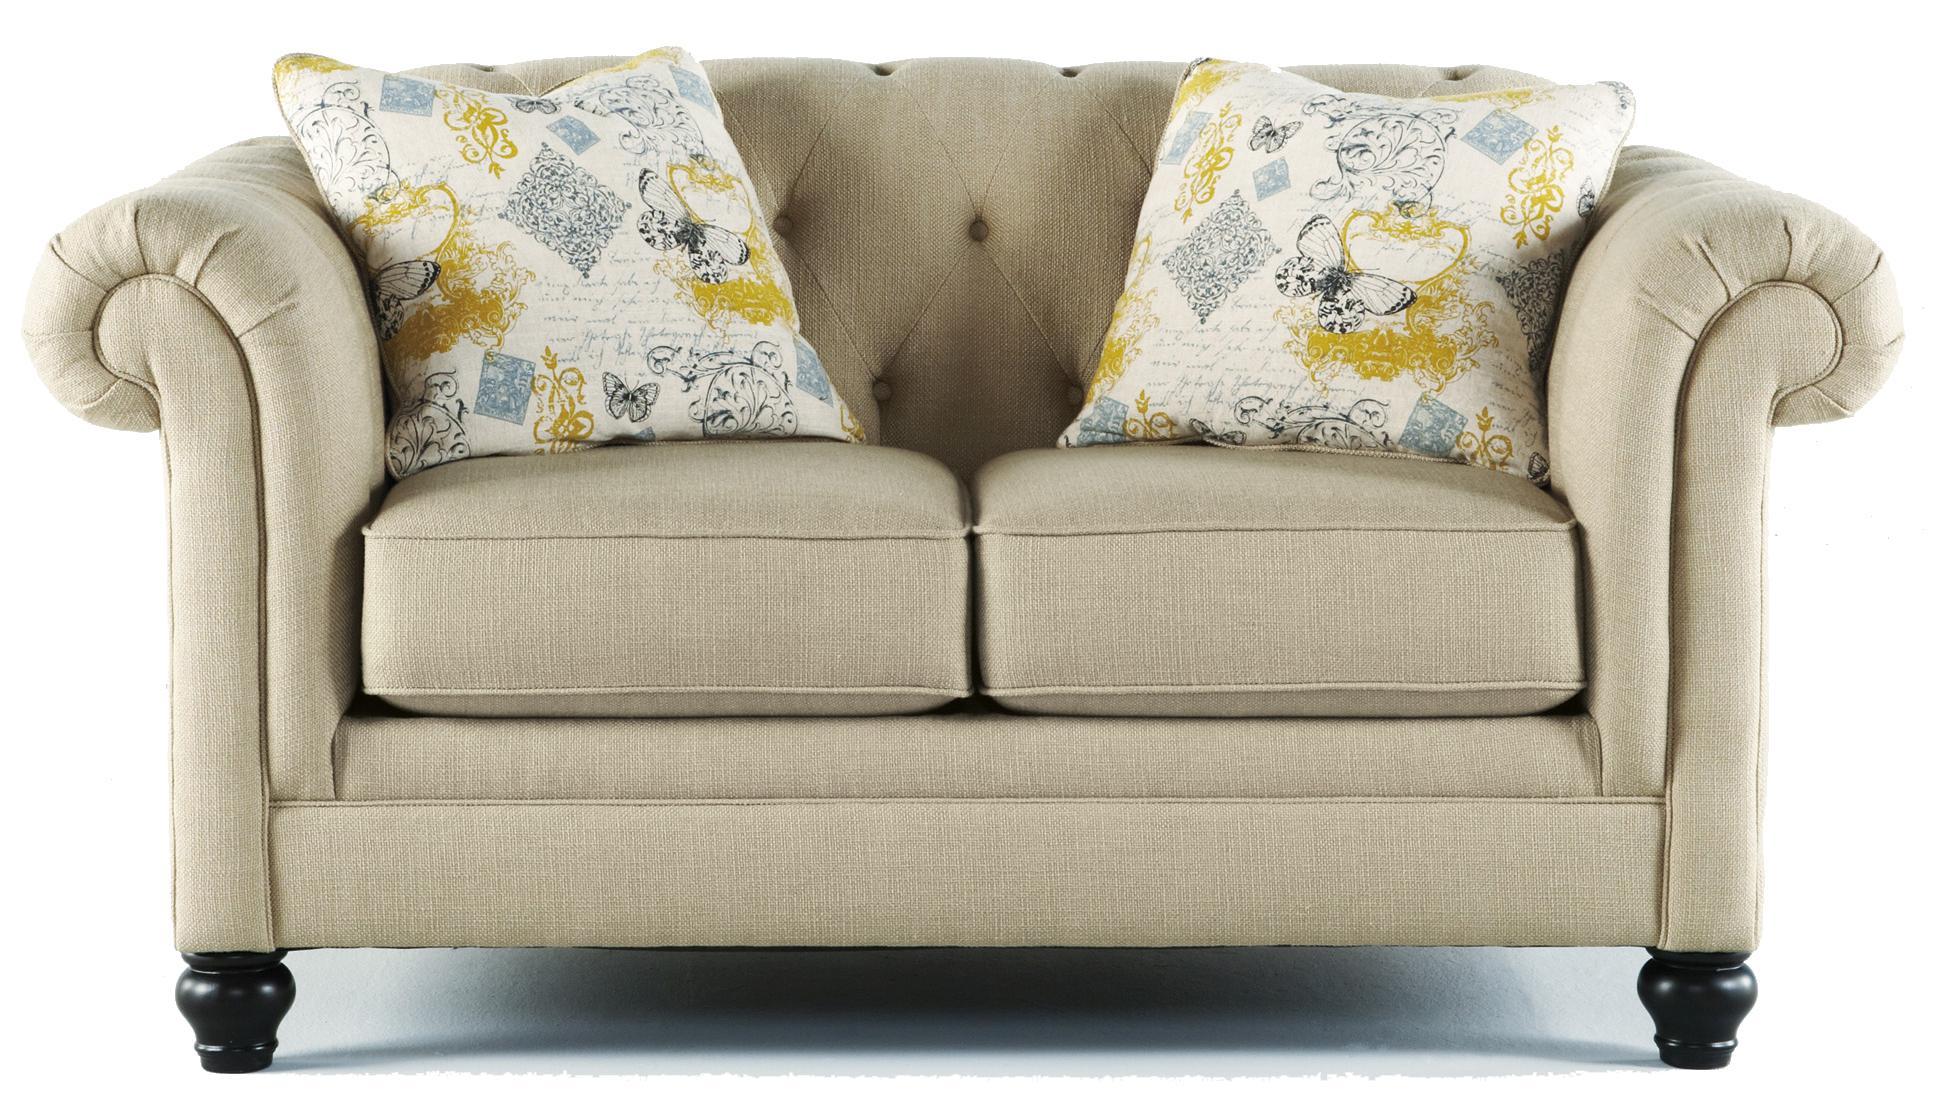 Ashley Furniture Hindell Park Loveseat - Item Number: 1680435